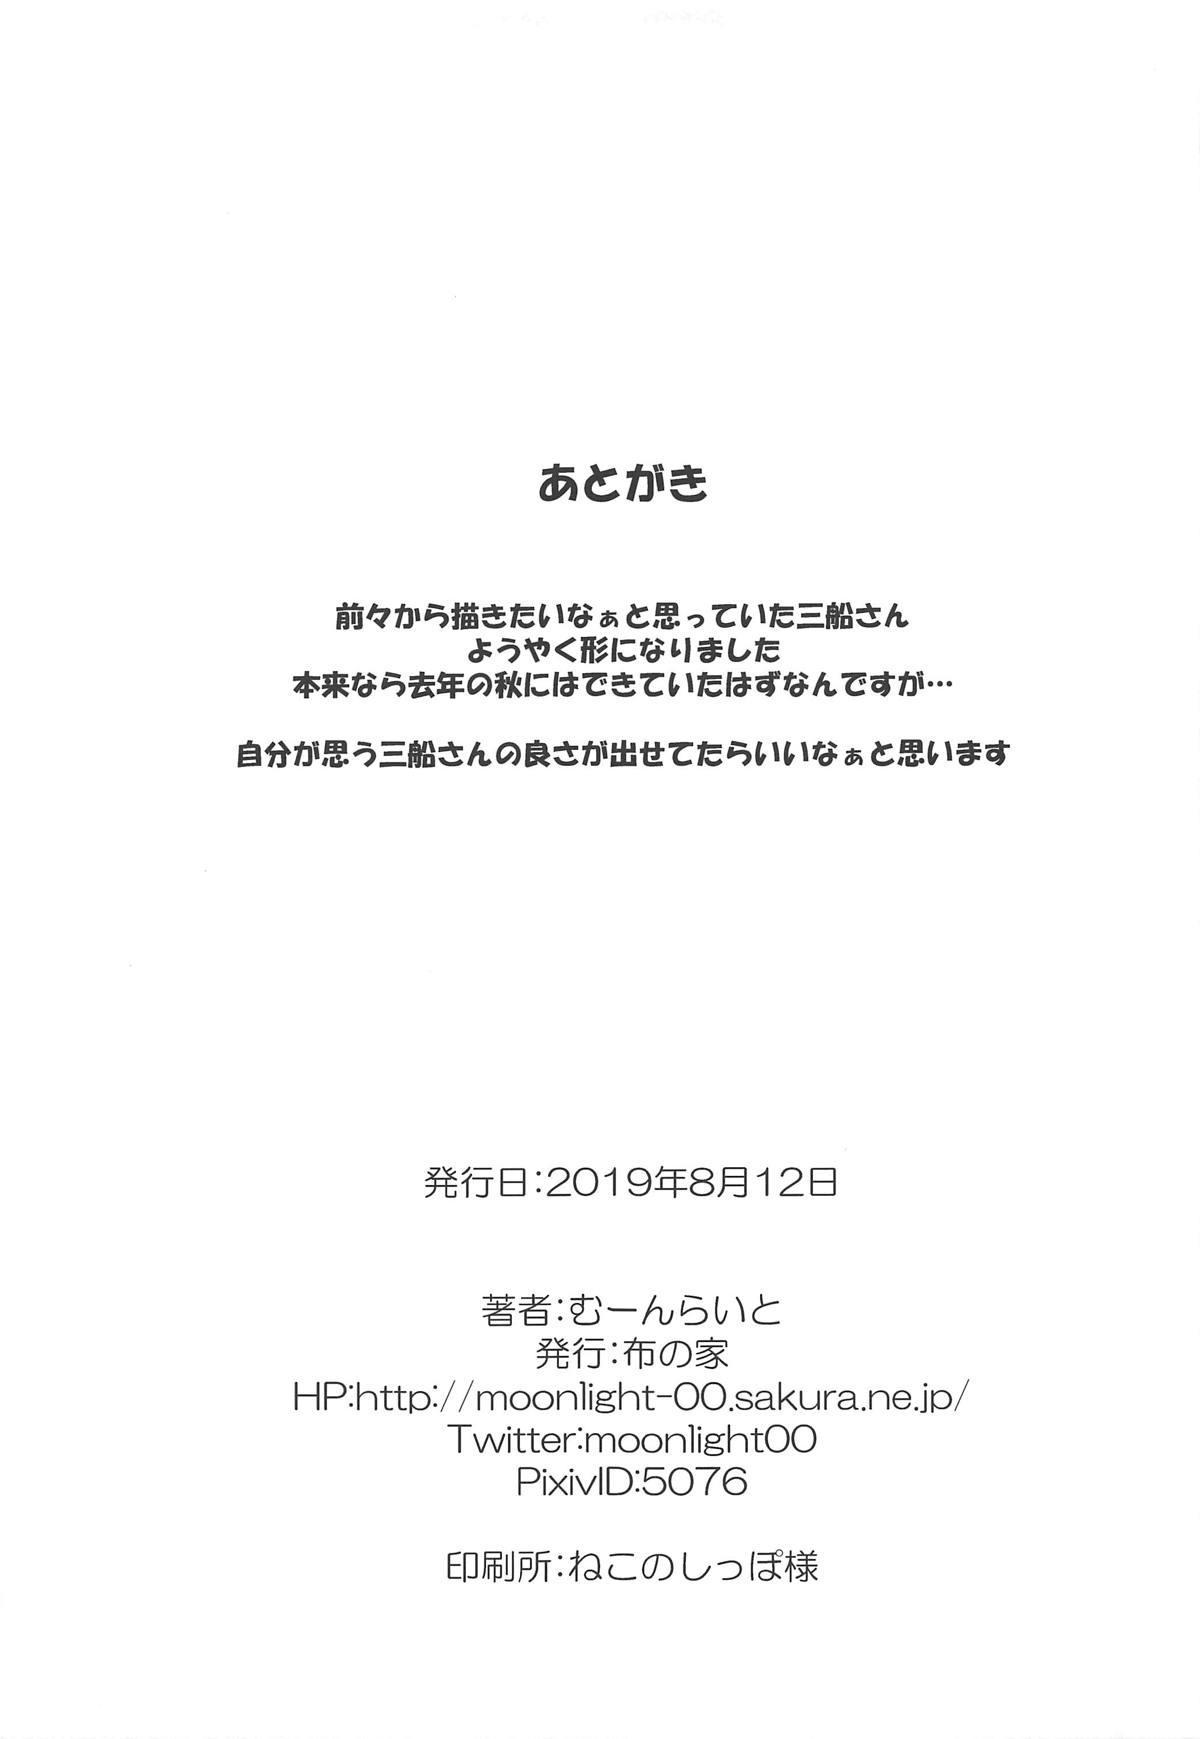 Mifune-san wa Ijirashii 21